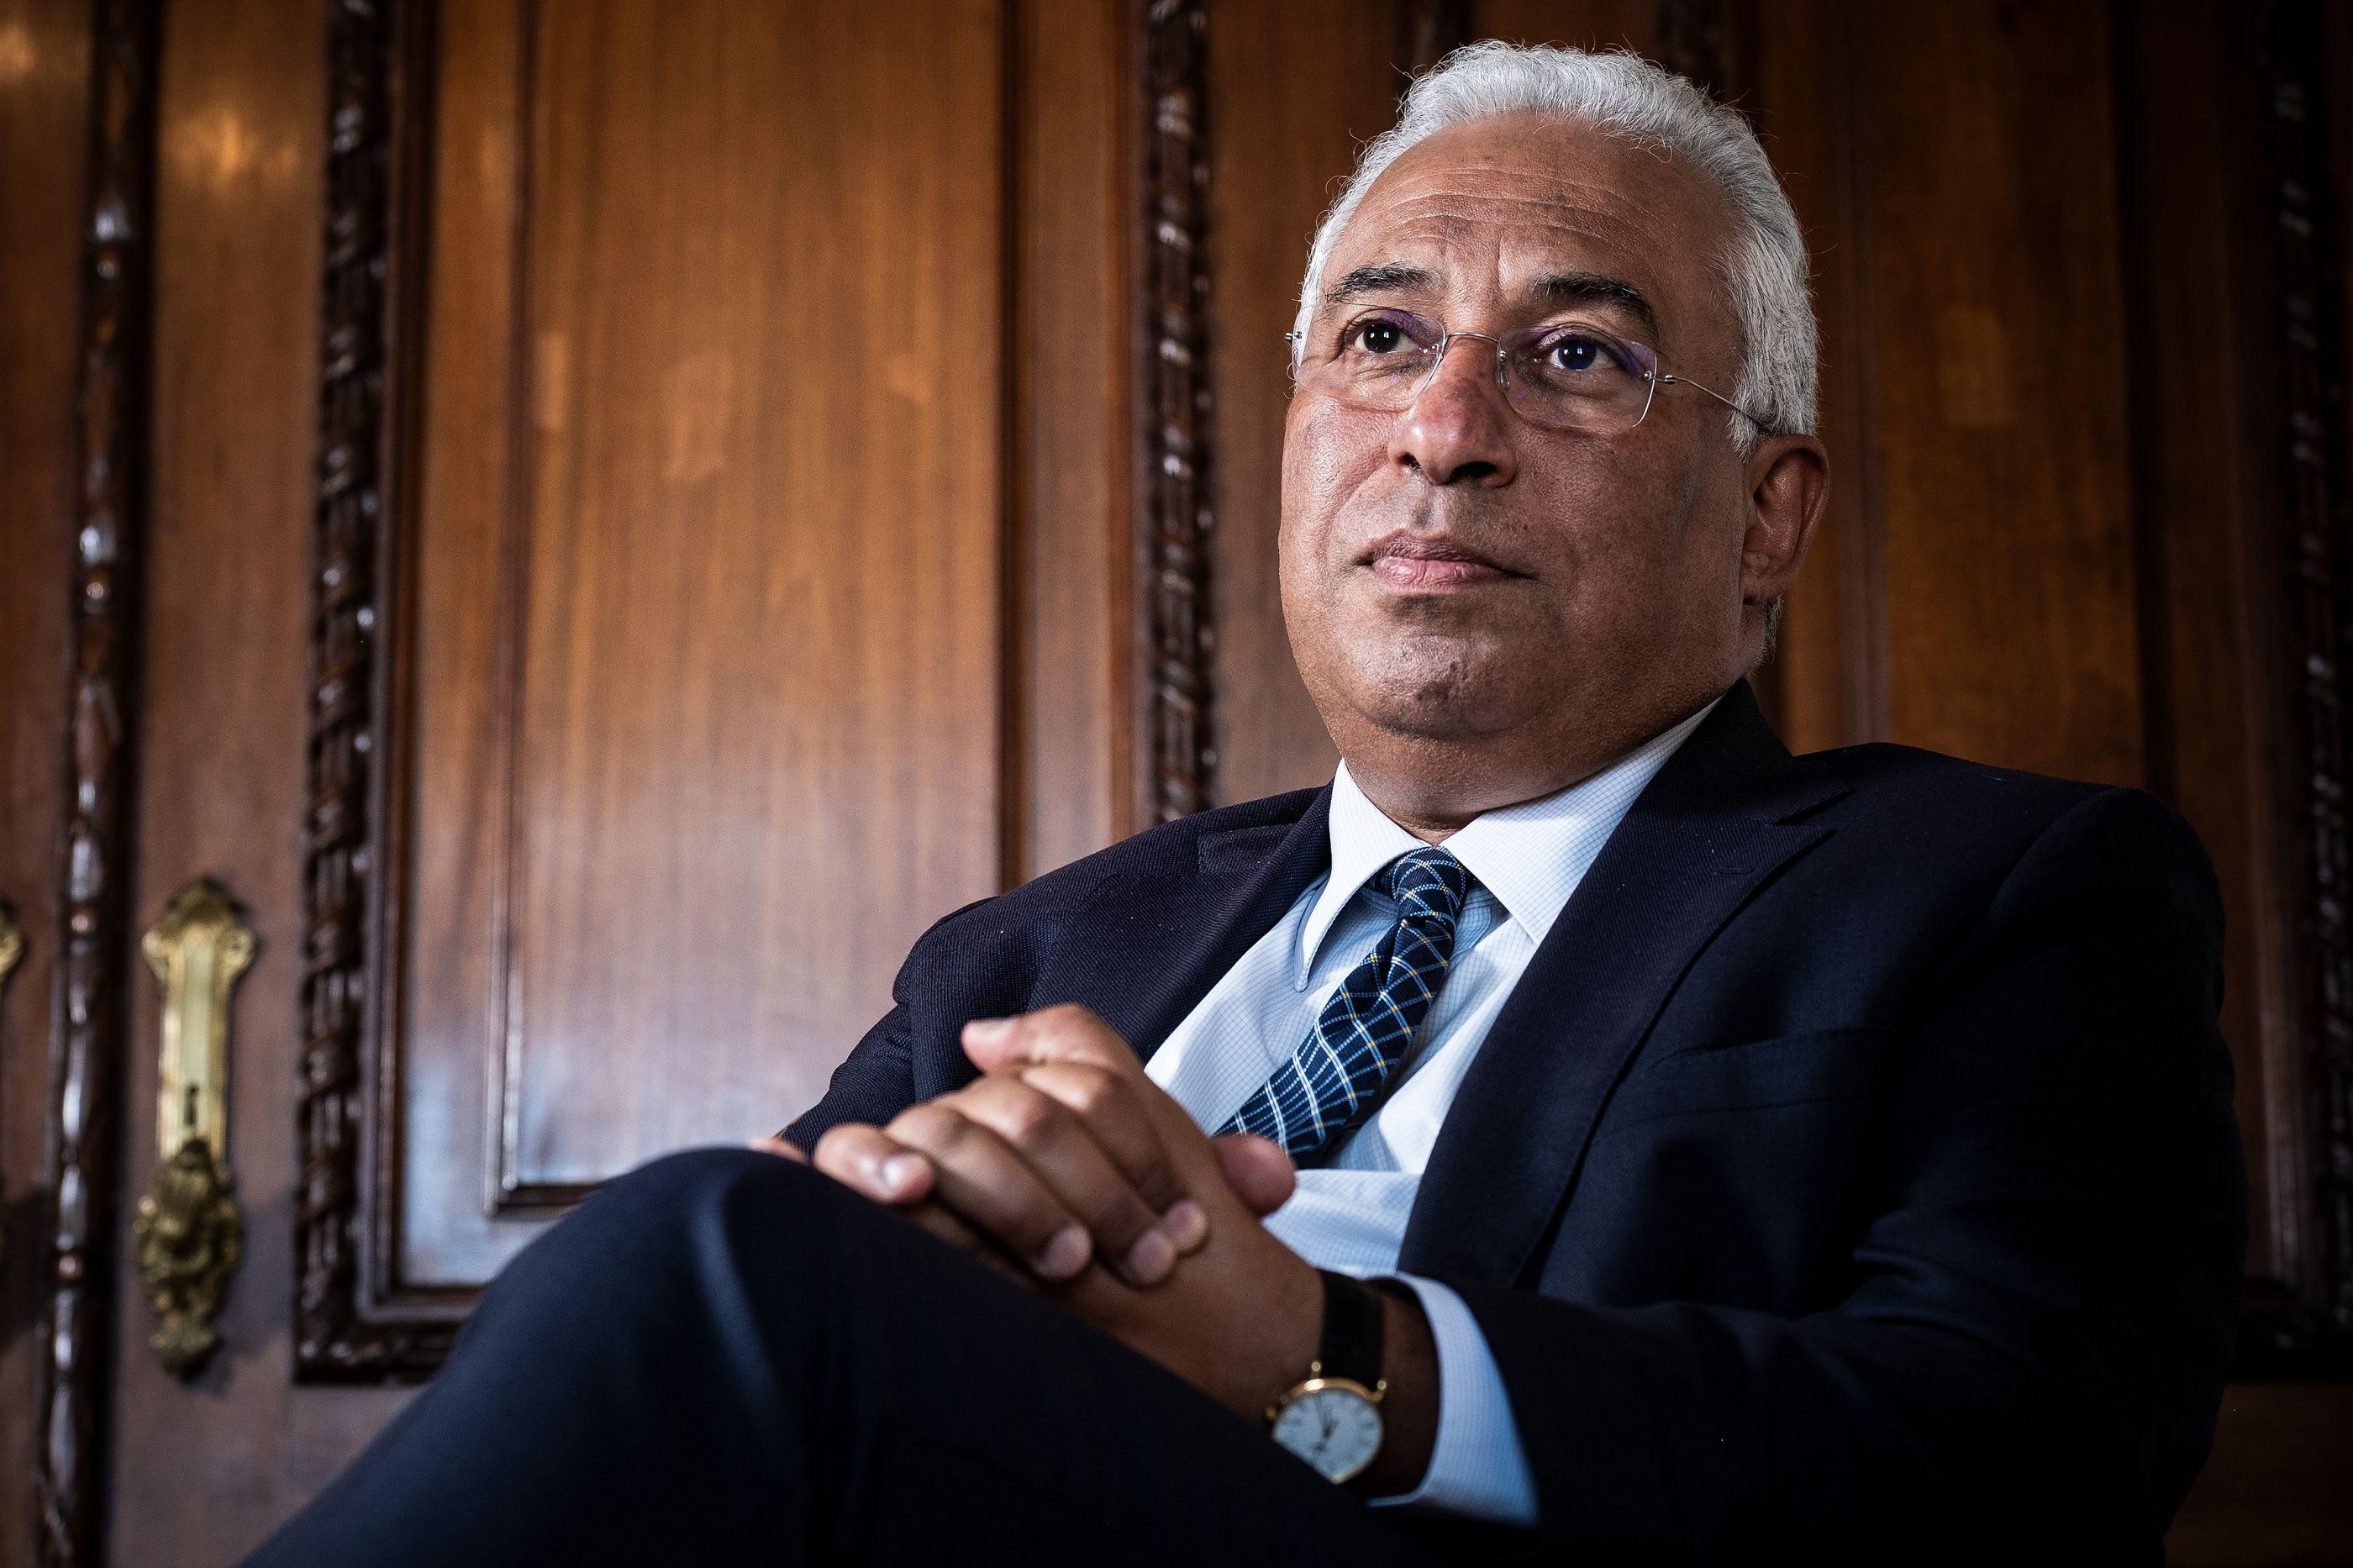 Após revelação, Negrão confrontou Costa que volta a defender o ministro